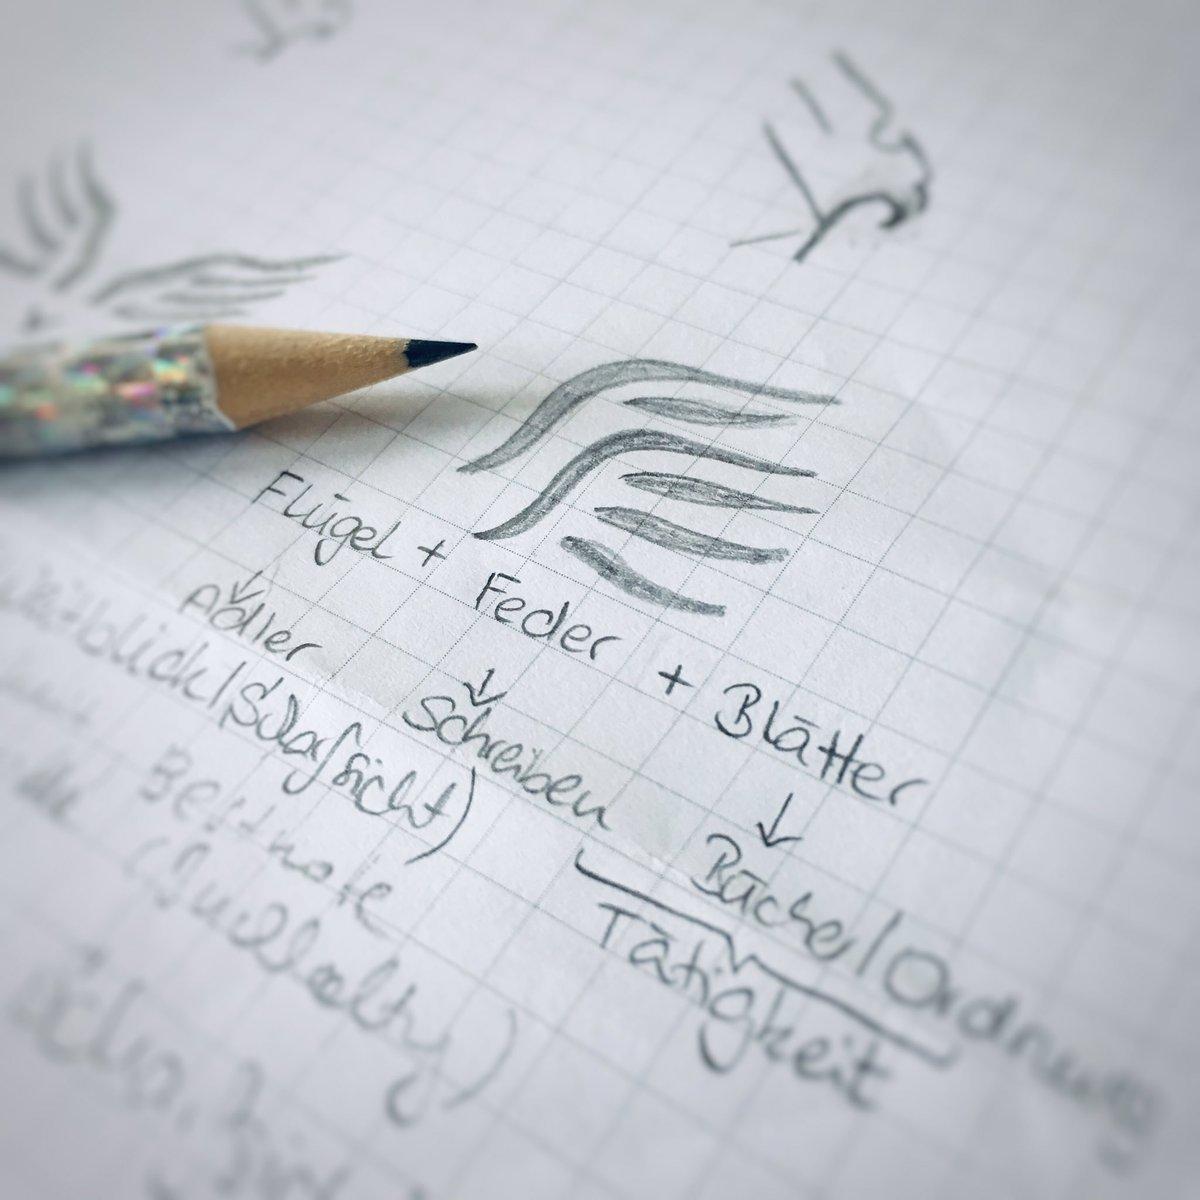 #Vorarbeit zum weiteren #Logo Die #Ideen basieren auf unterschiedlichen #Methoden, eine davon z.B. ist, dass ich projektbezogene #Schlüsselbegriffe recherchiere und aufschreibe. #Logogestaltung #logodesign #logoentwicklung #corporatedesign #methode #ideenfindung #inspiration